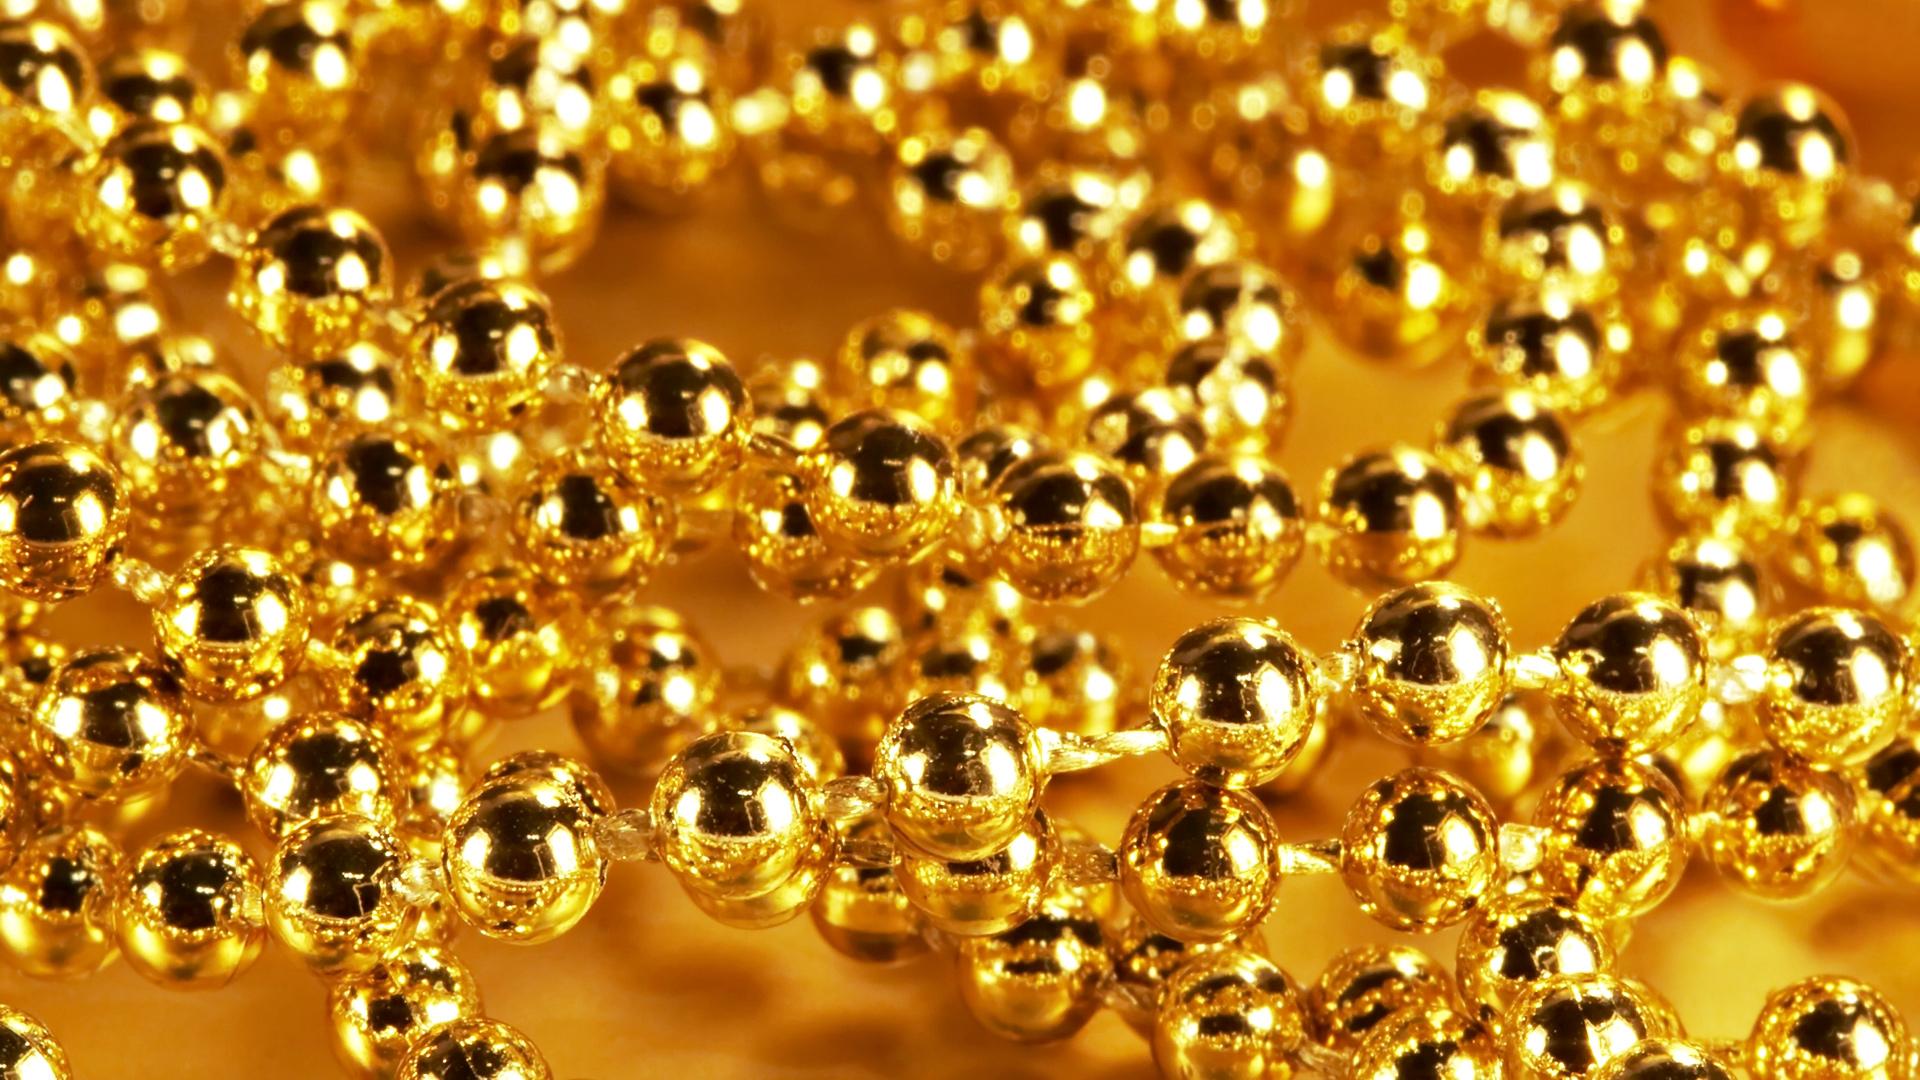 Gold hd wallpaper wallpapersafari